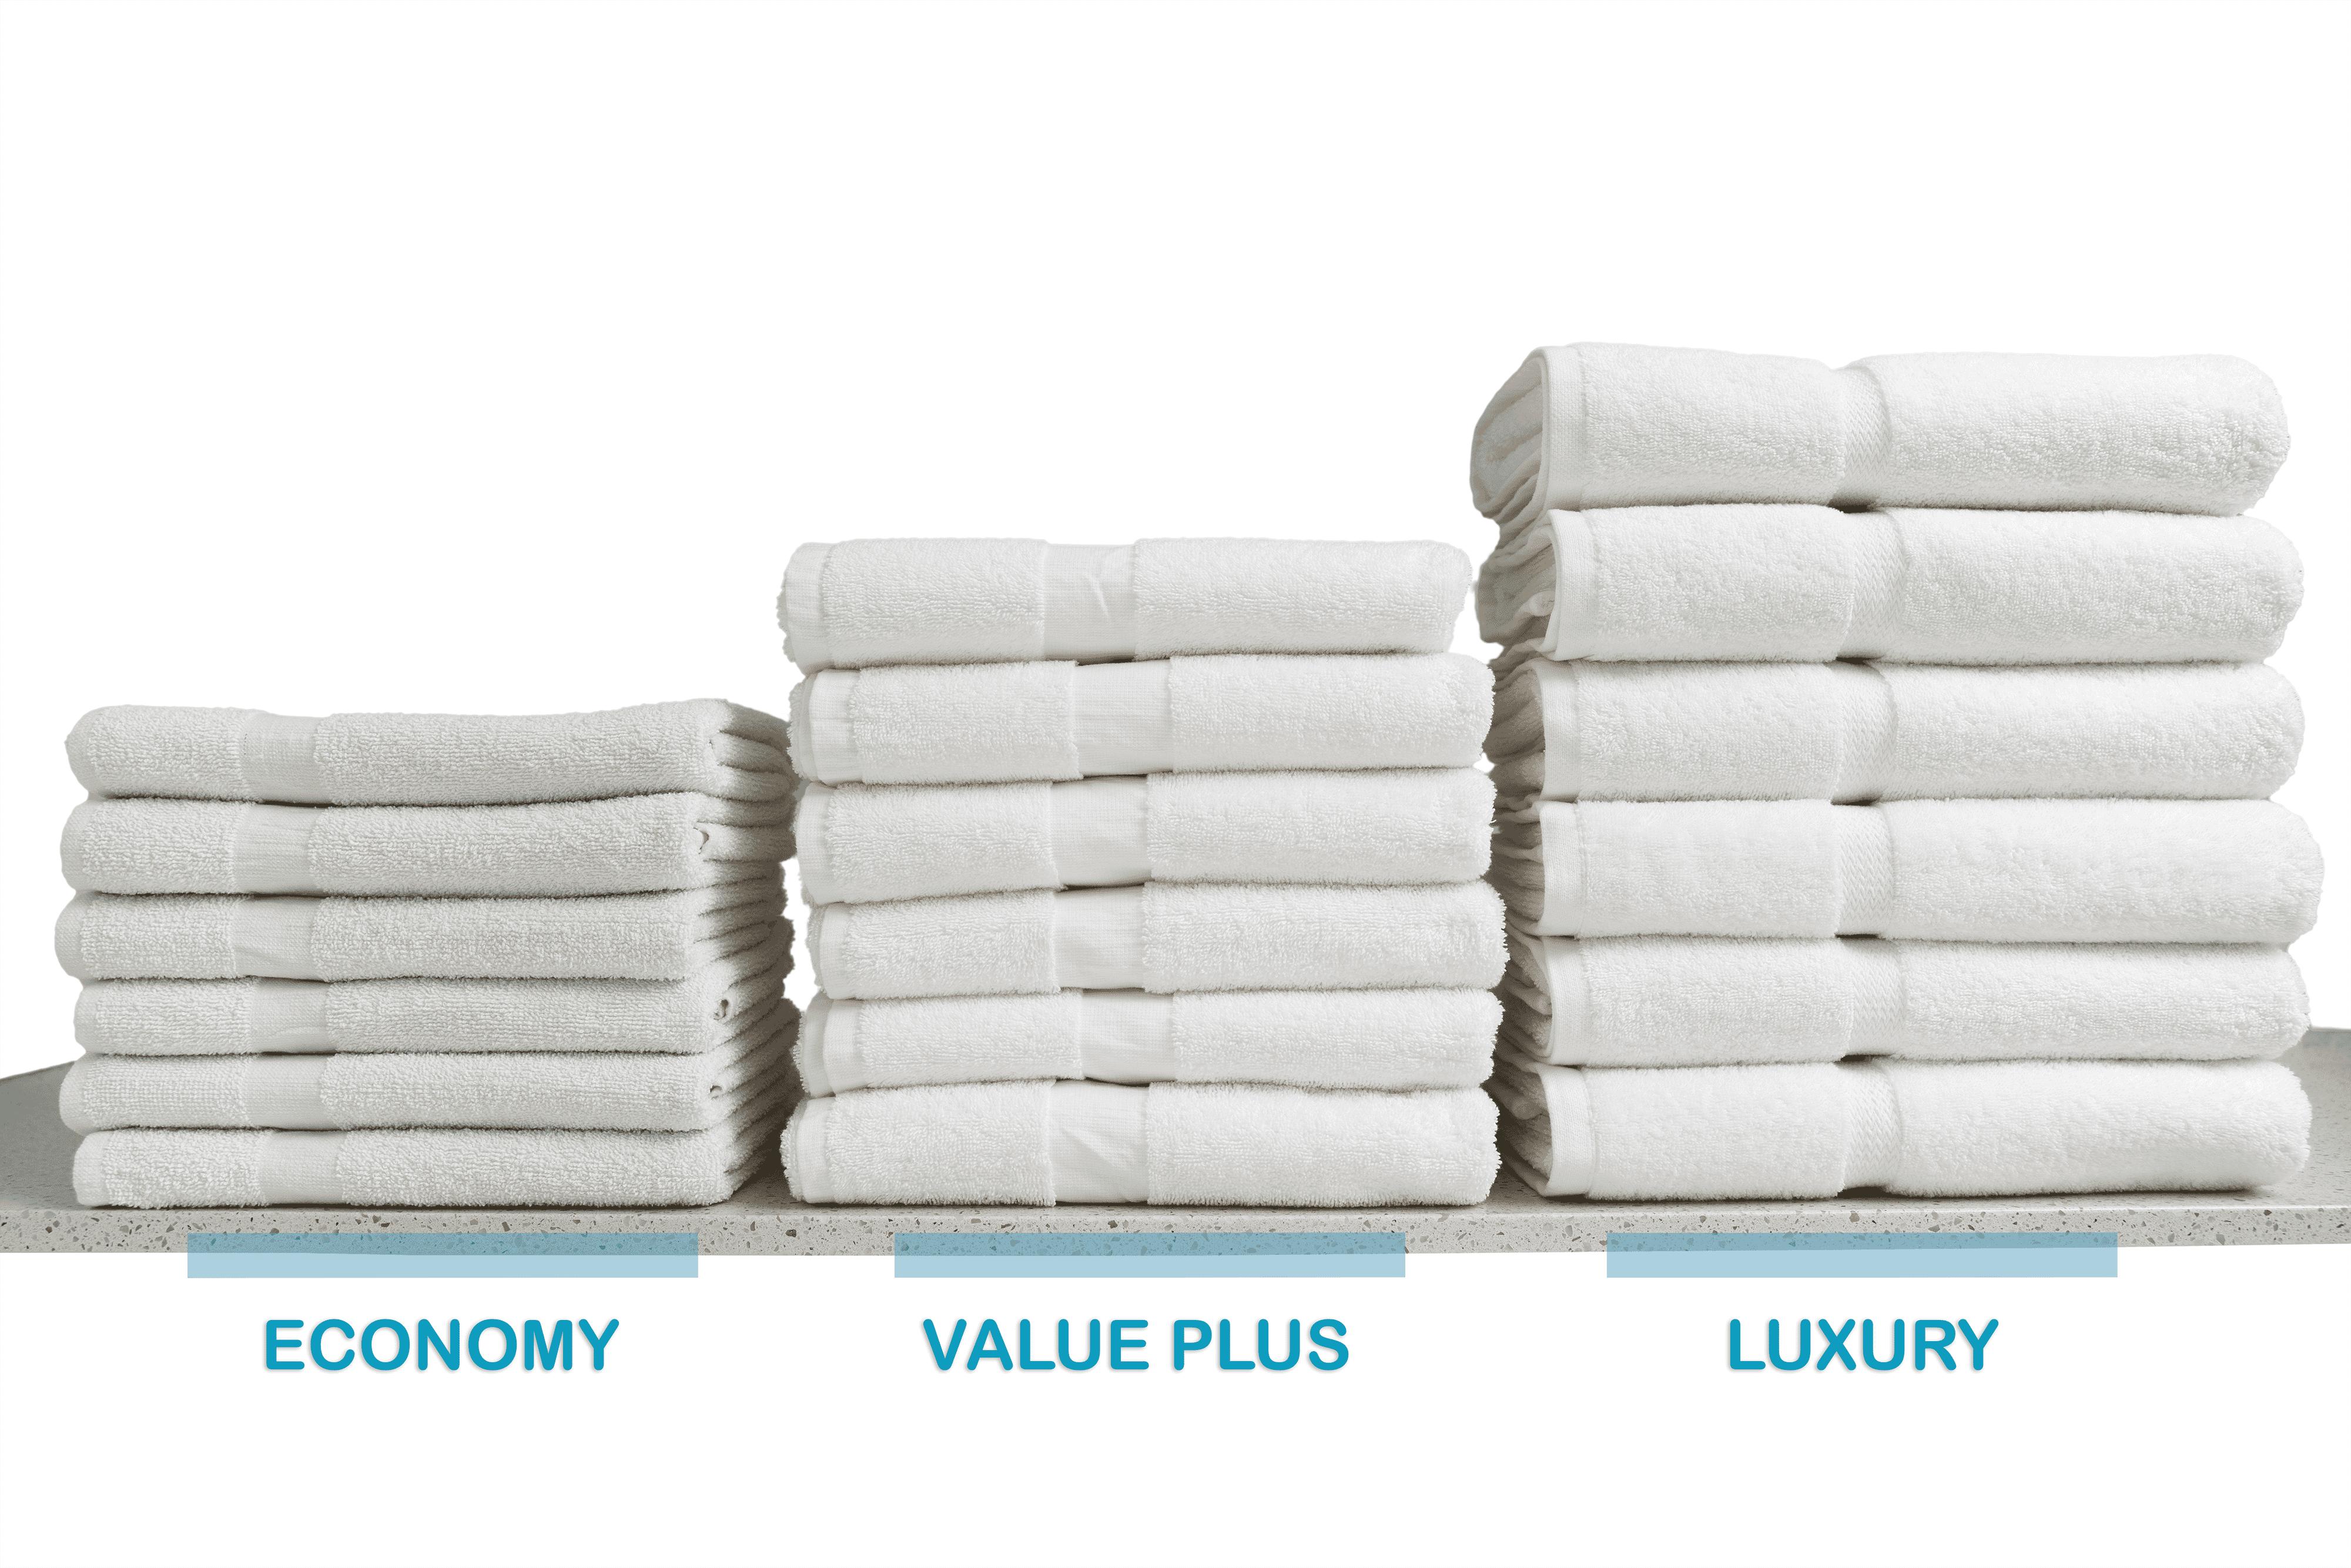 Bulk Bath Towel Quality Comparison - Image Textile